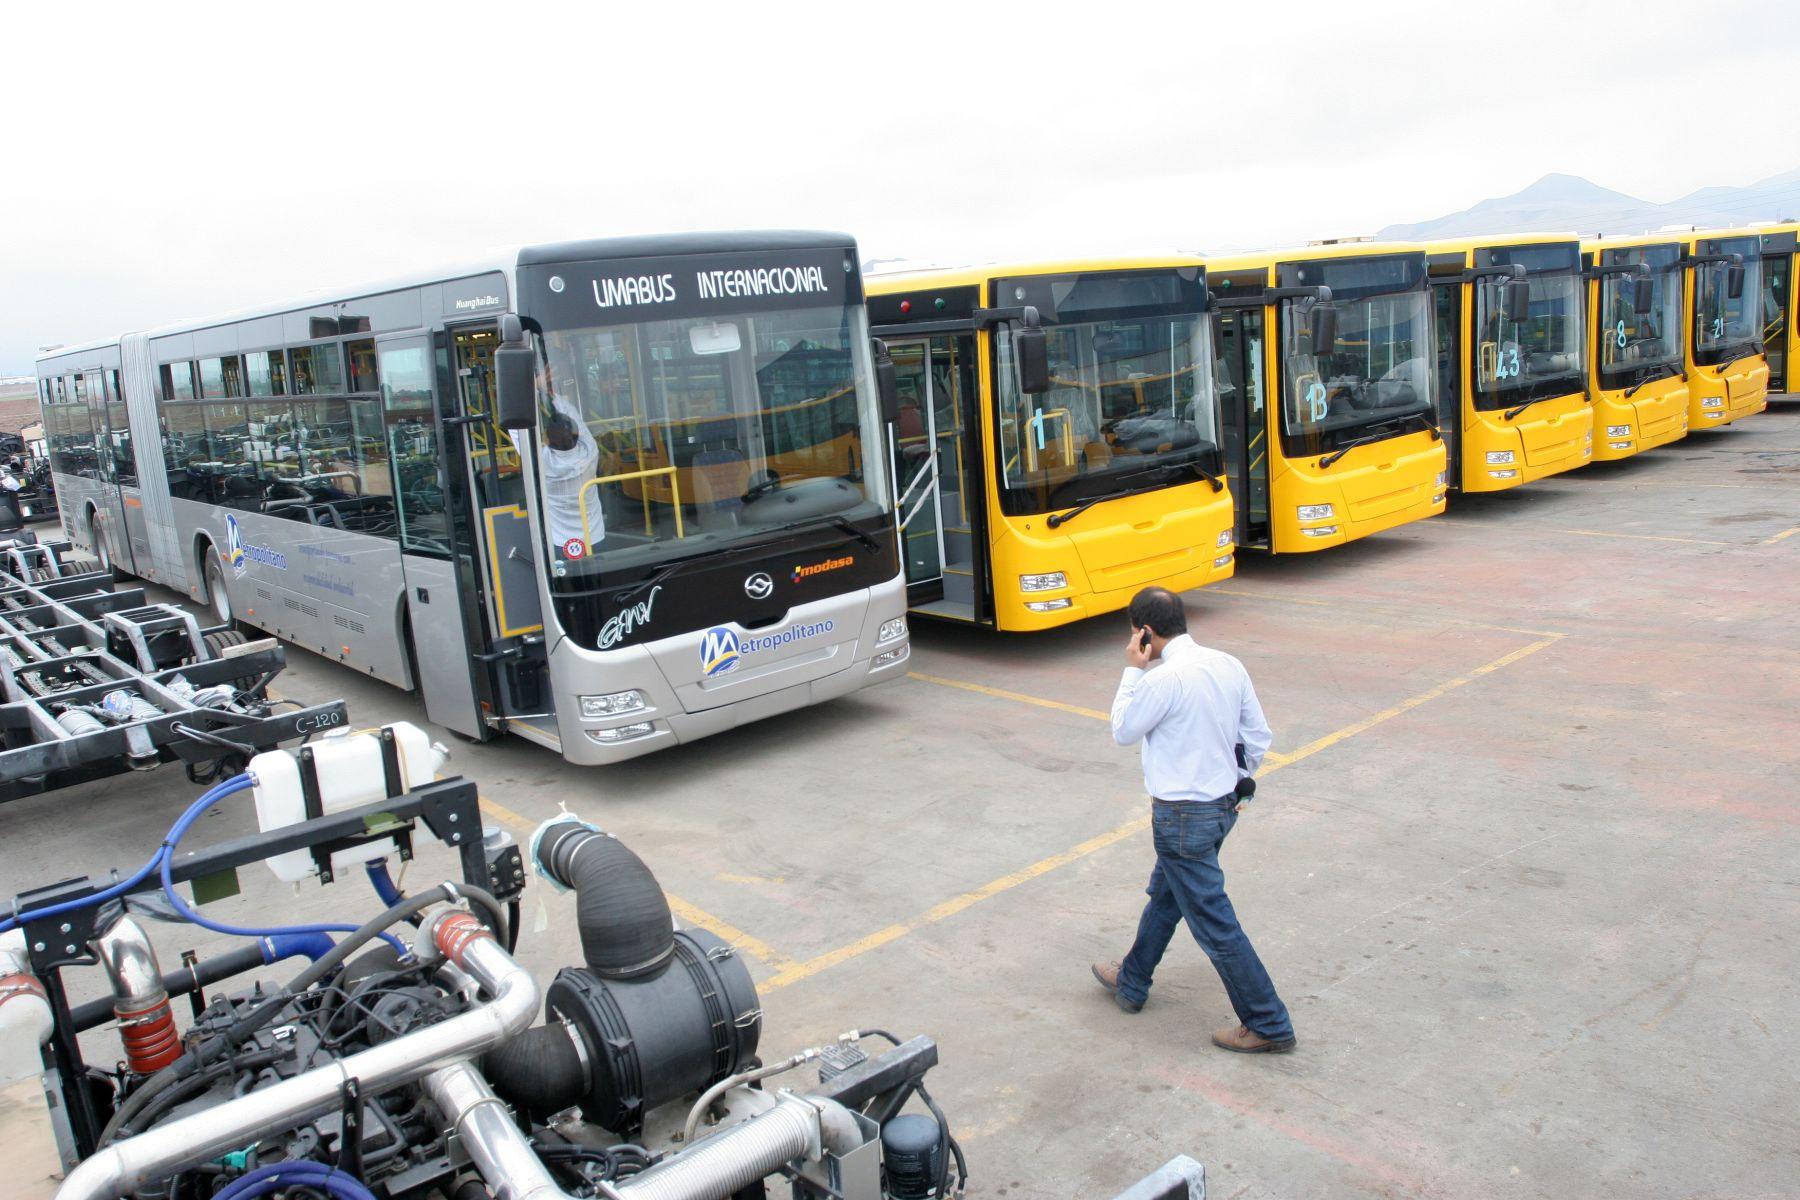 """Los buses amarillos serán """"alimentadores"""" de El Metropolitano, es decir, recorrerán los distritos cercanos a las estaciones de Comas y Chorrillos, a fin de que la población pueda abordar luego El Metropolitano. Foto: ANDINA/Rocío Farfán"""